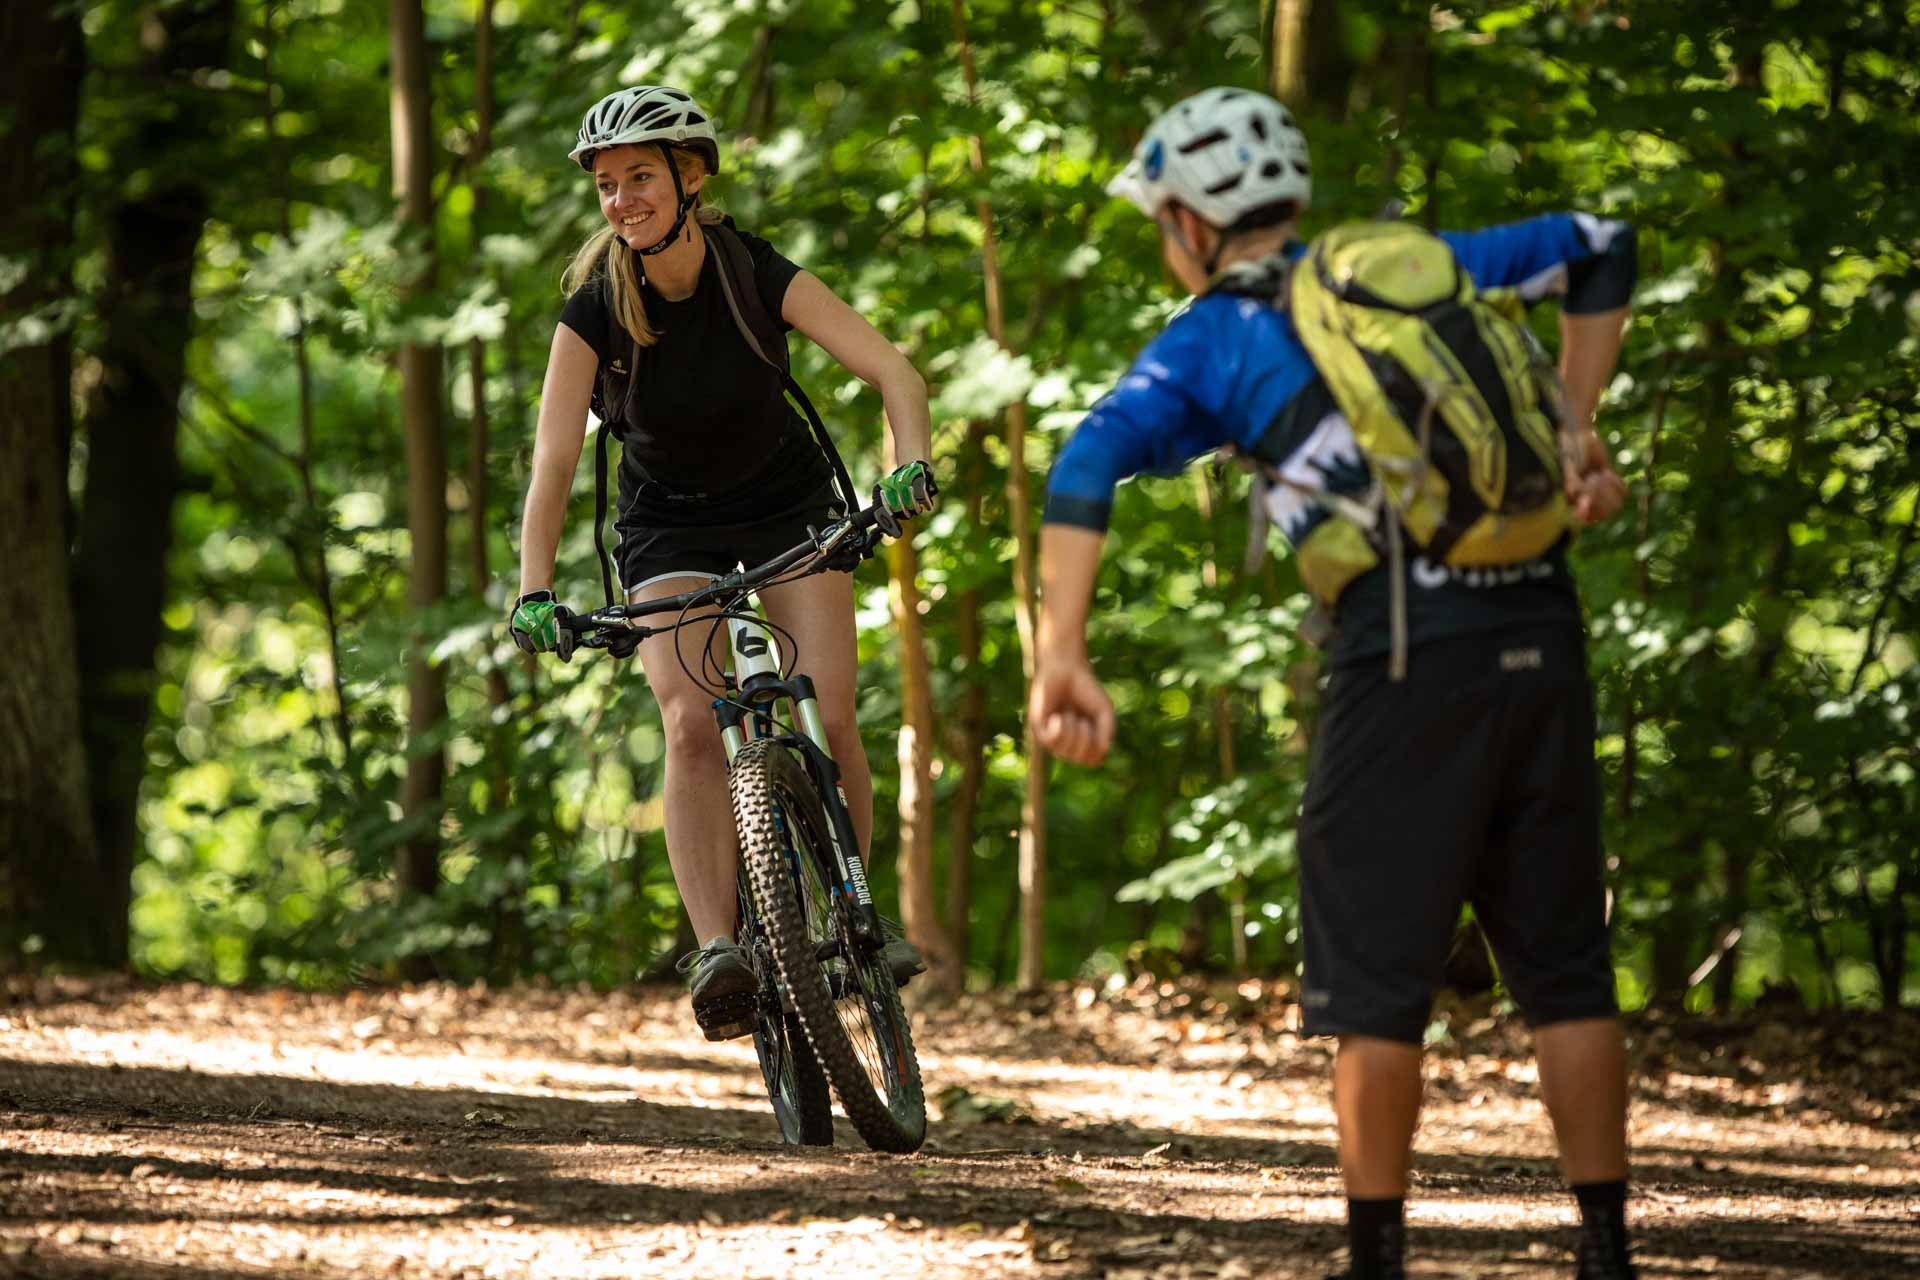 MTB Fahrtechnik Kurs für Einsteiger in Bad Orb   Spessart - Mountainbike Basic - Rock my Trail Bikeschule - 33